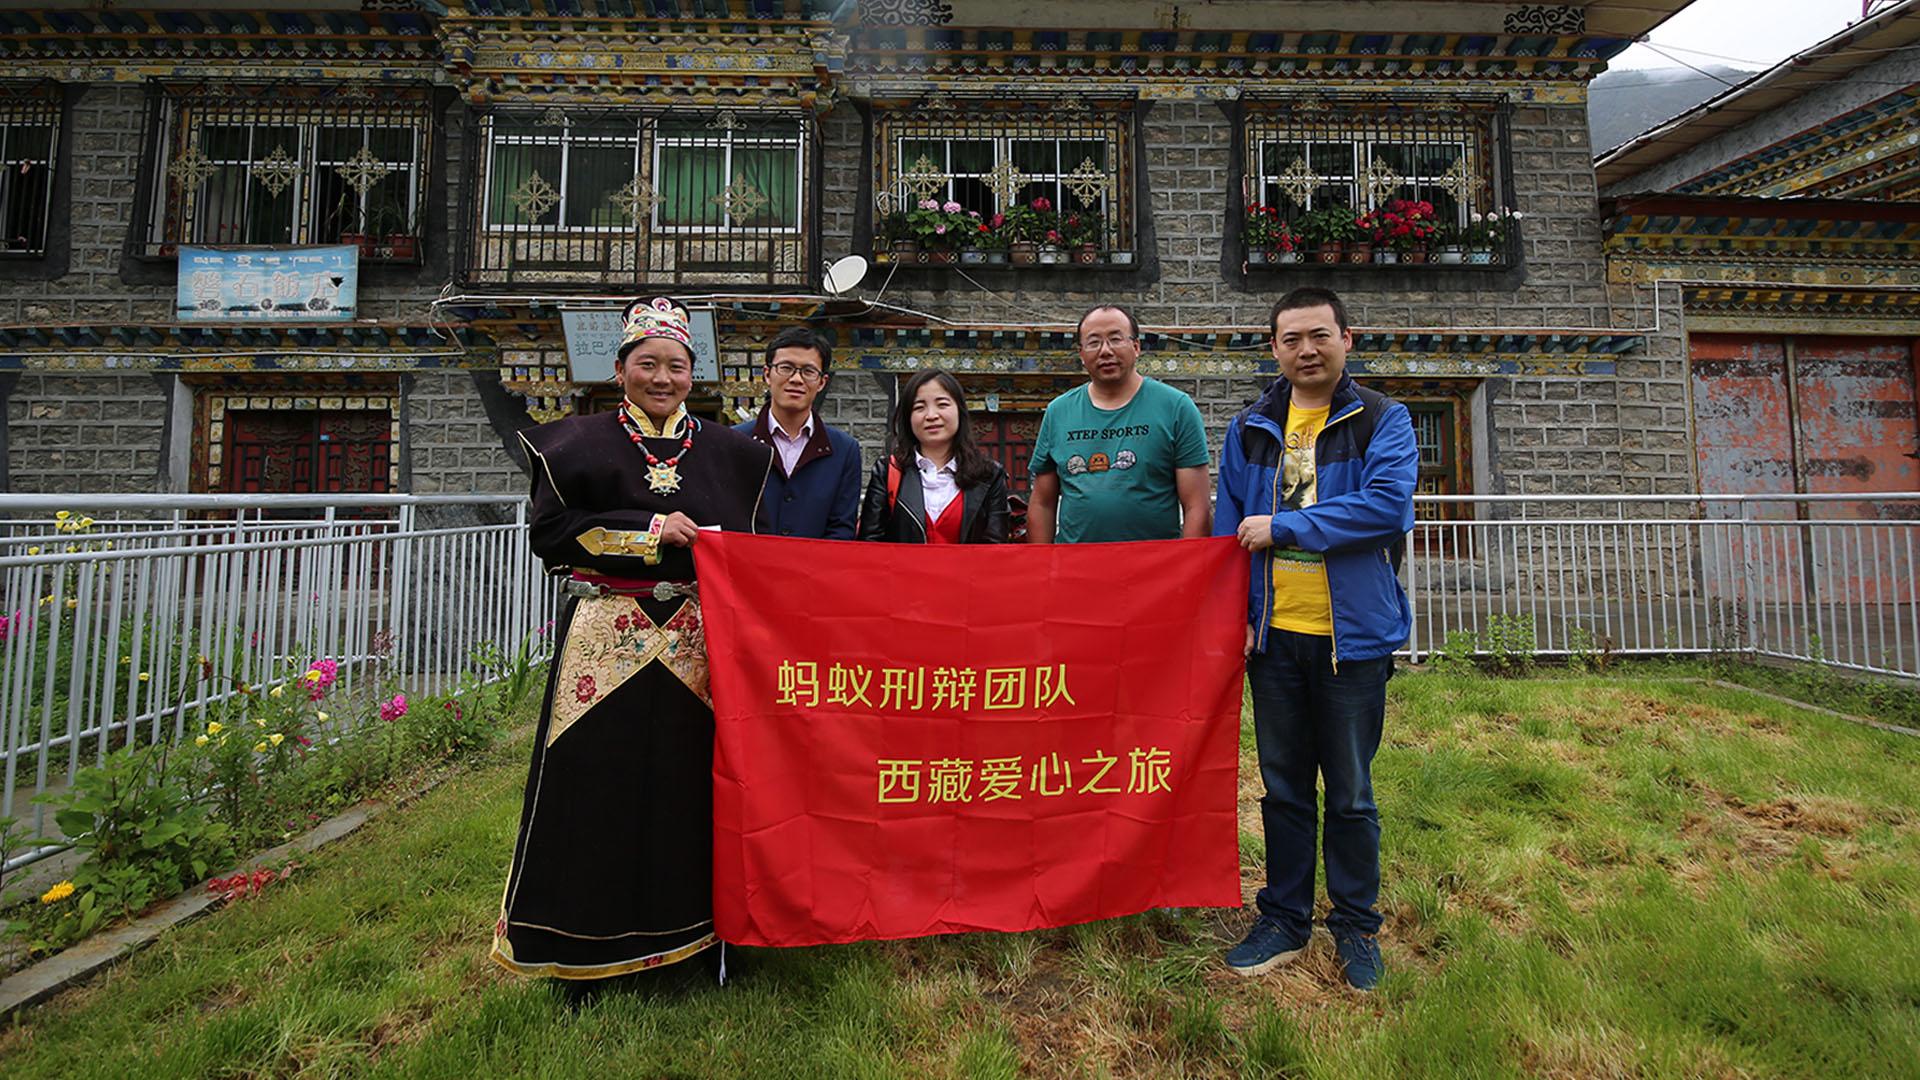 法律援助西藏